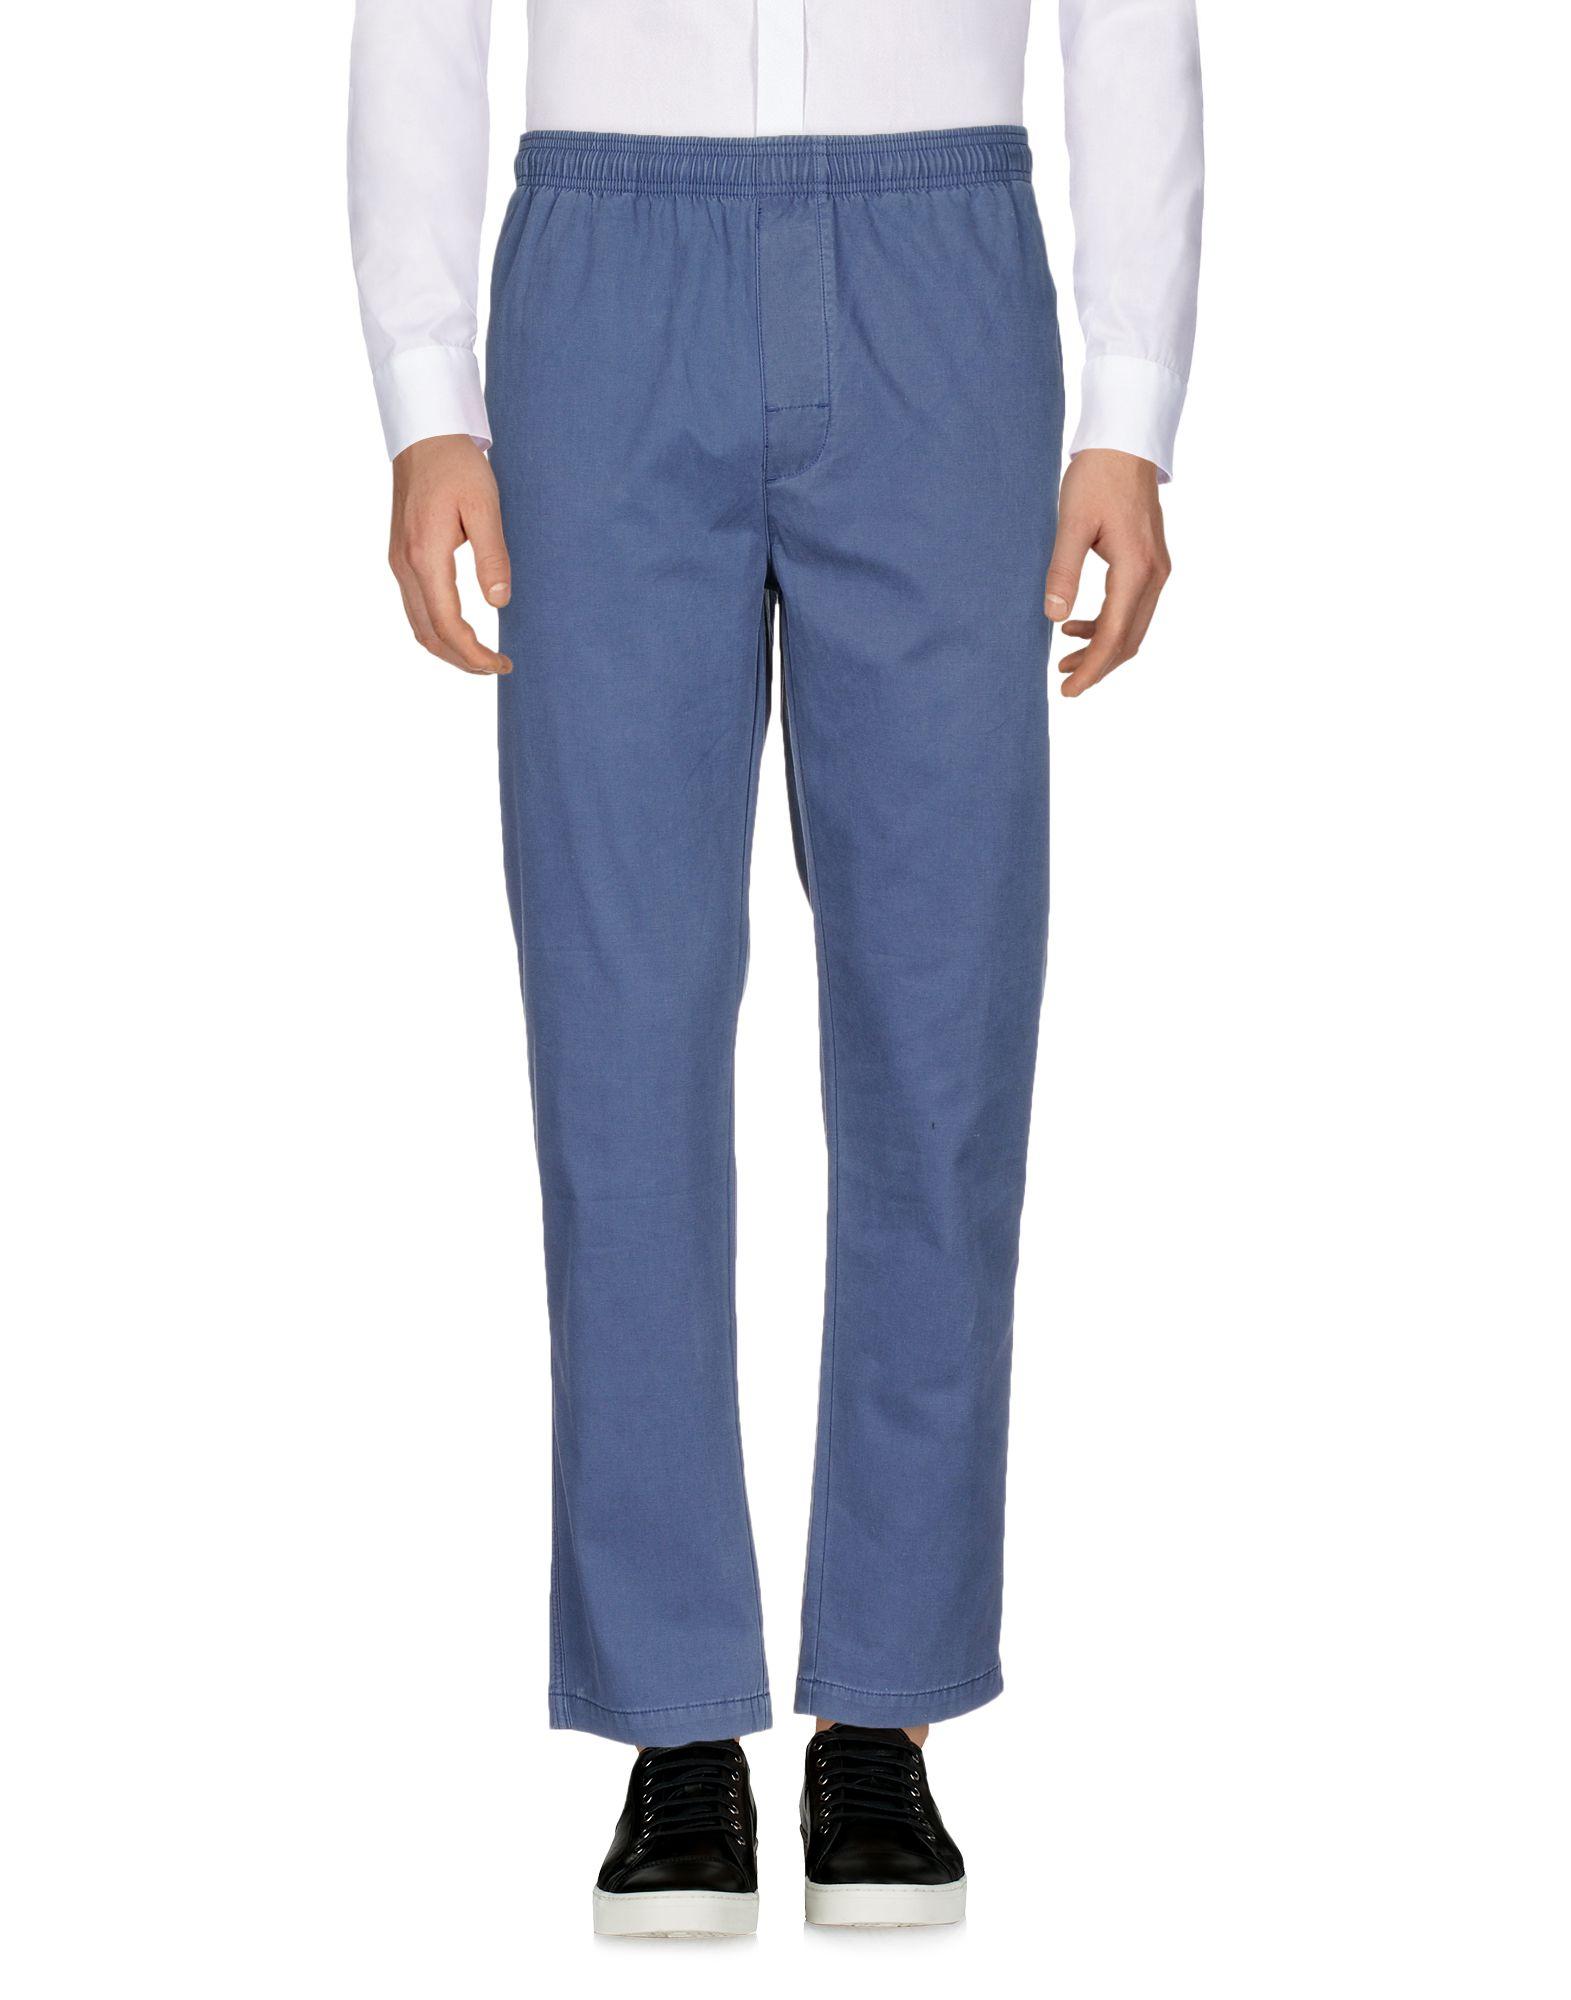 《送料無料》STUSSY メンズ パンツ ブルー S コットン 100%